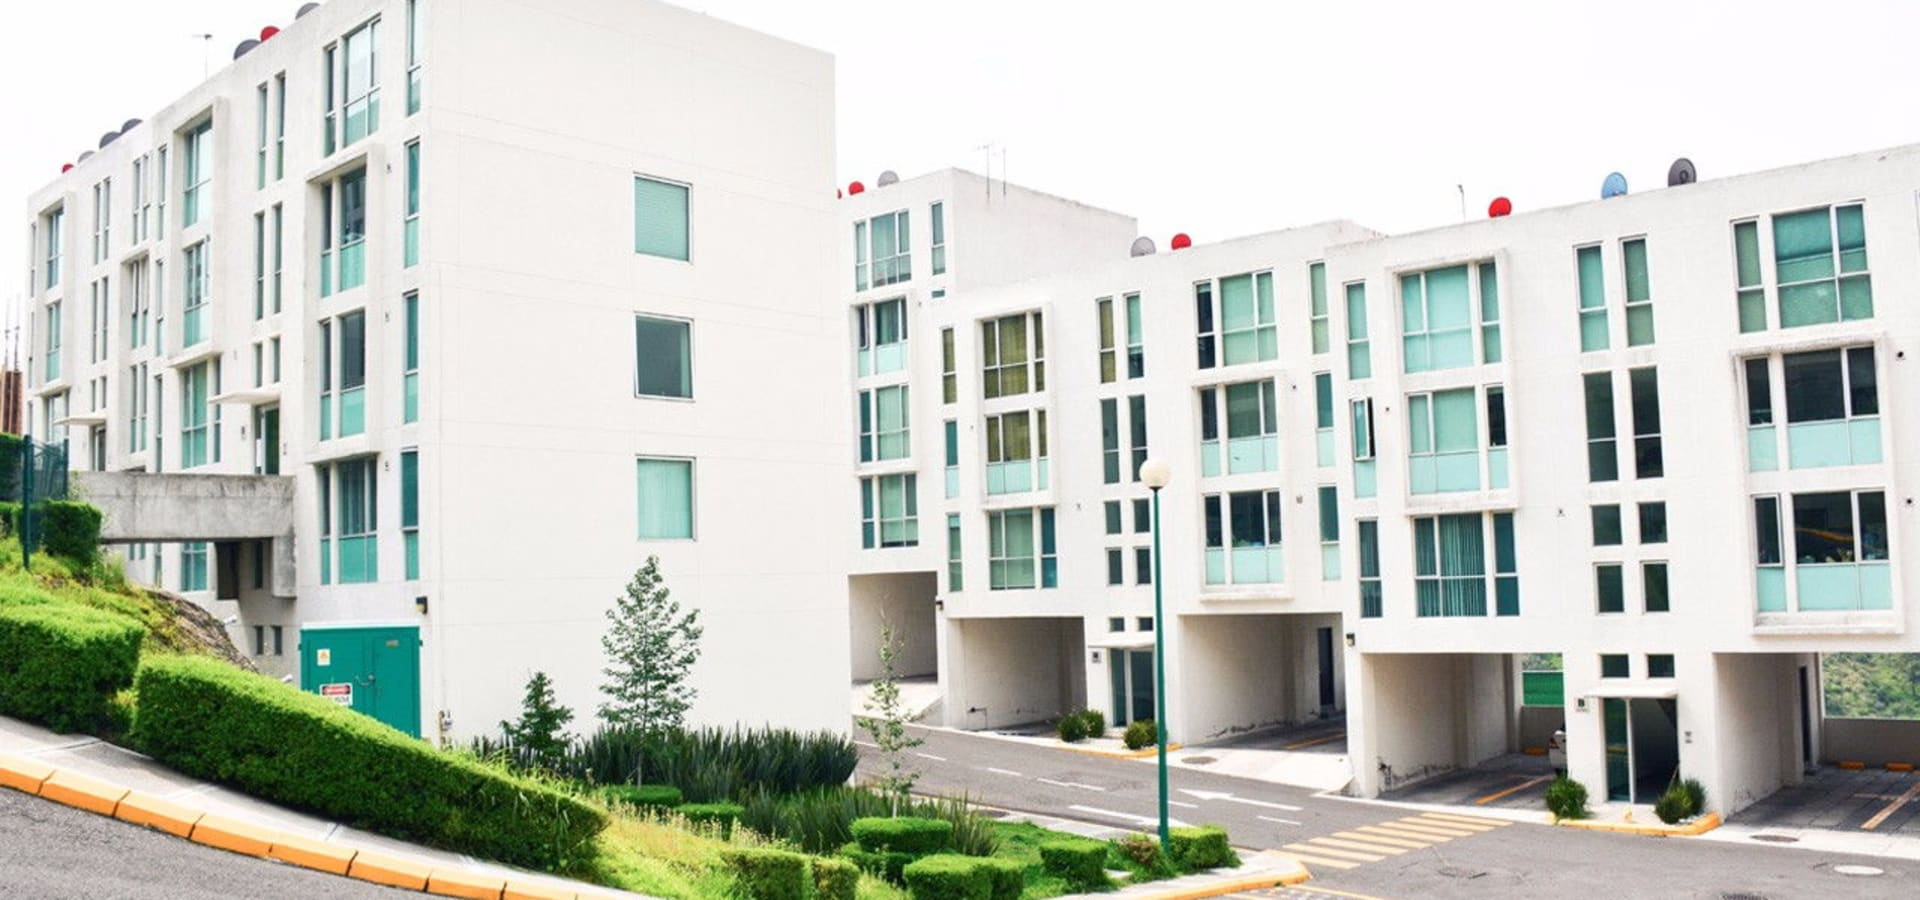 Servicios Inmobiliarios e Hipotecarios Orsil